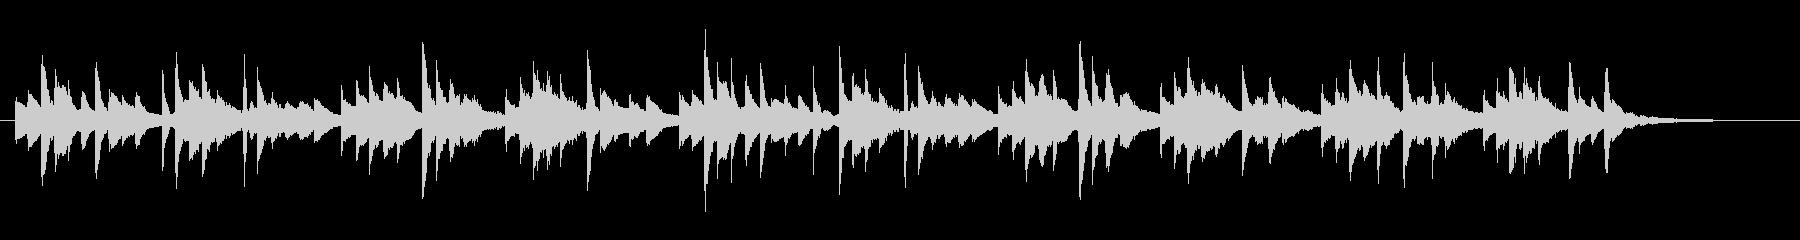 しっとりとしたスローテンポのピアノソロの未再生の波形